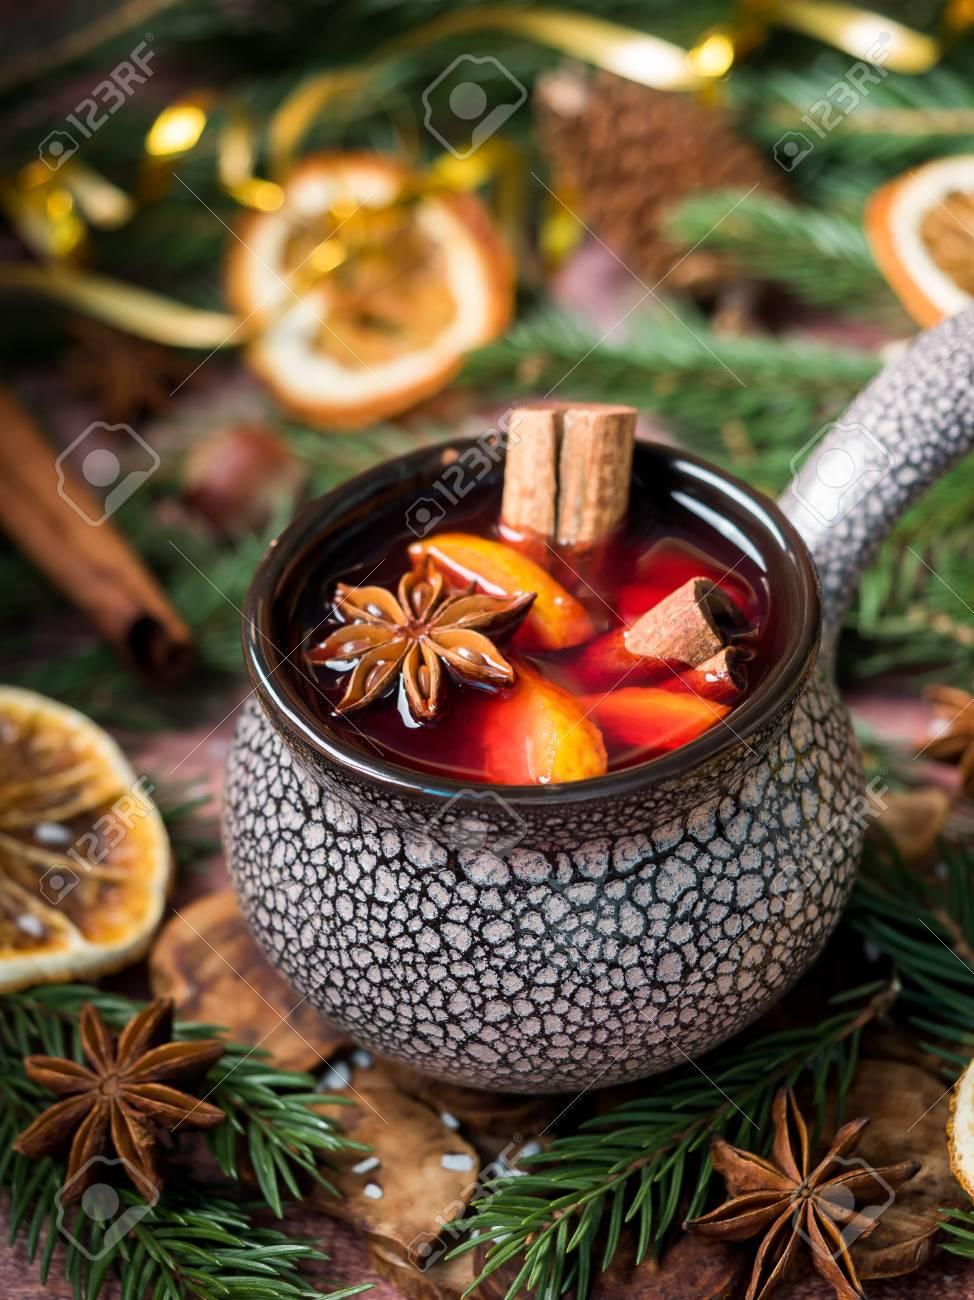 Decorazioni Natalizie Con La Cannella.Vin Brule Di Natale Con Cannella Arancia E Anice Stellato In Una Ciotola Di Ceramica Con Decorazioni Invernali